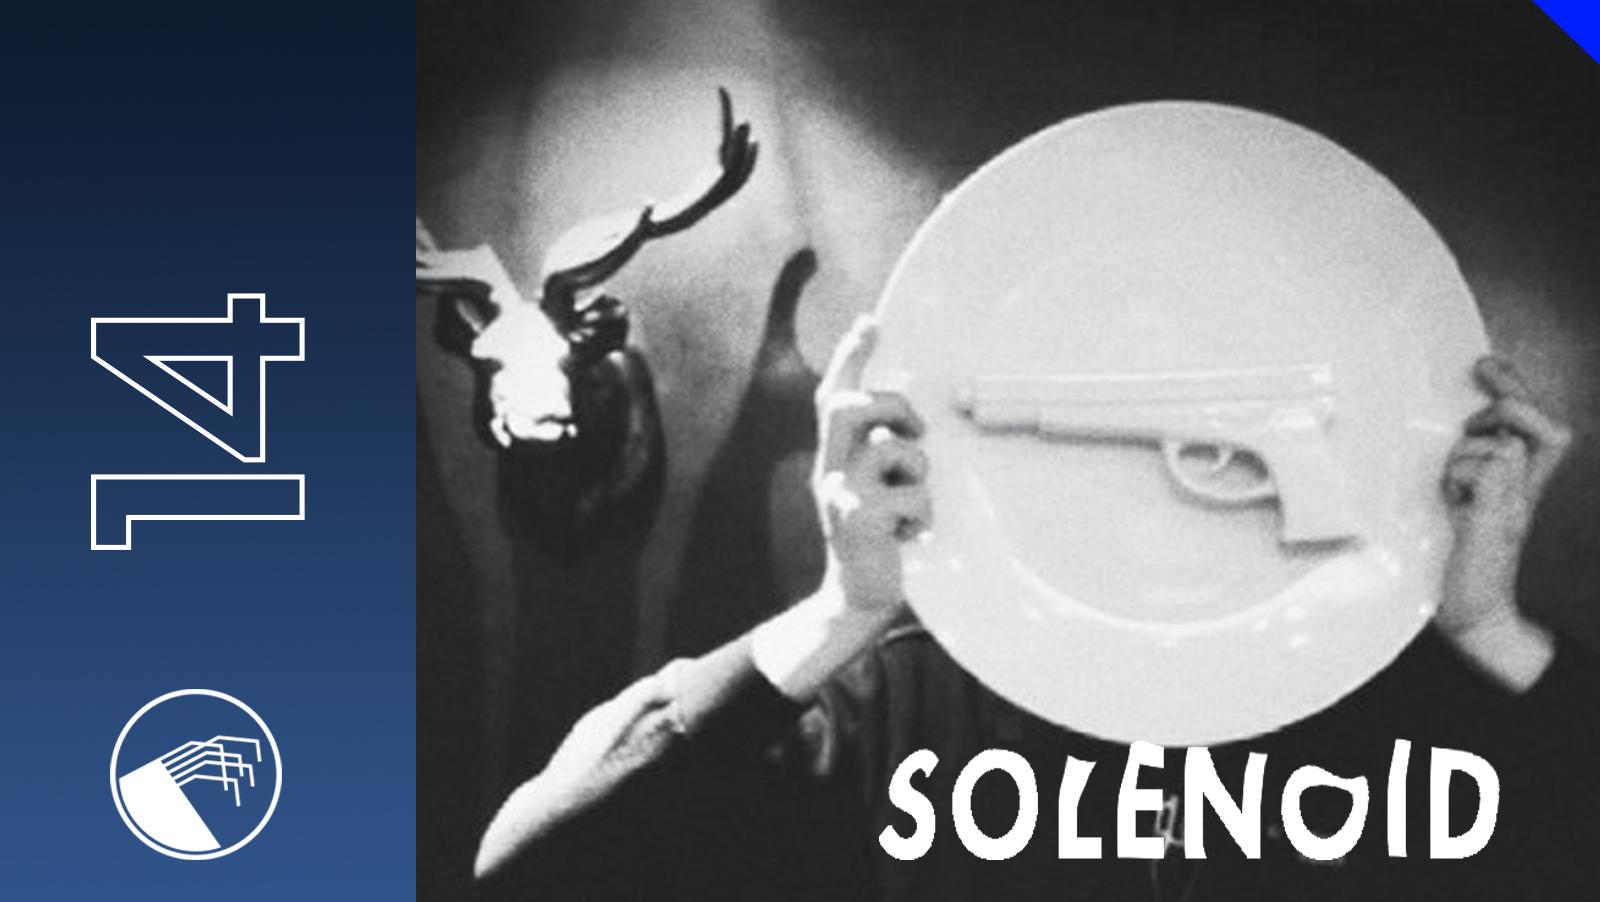 014 Solenoid